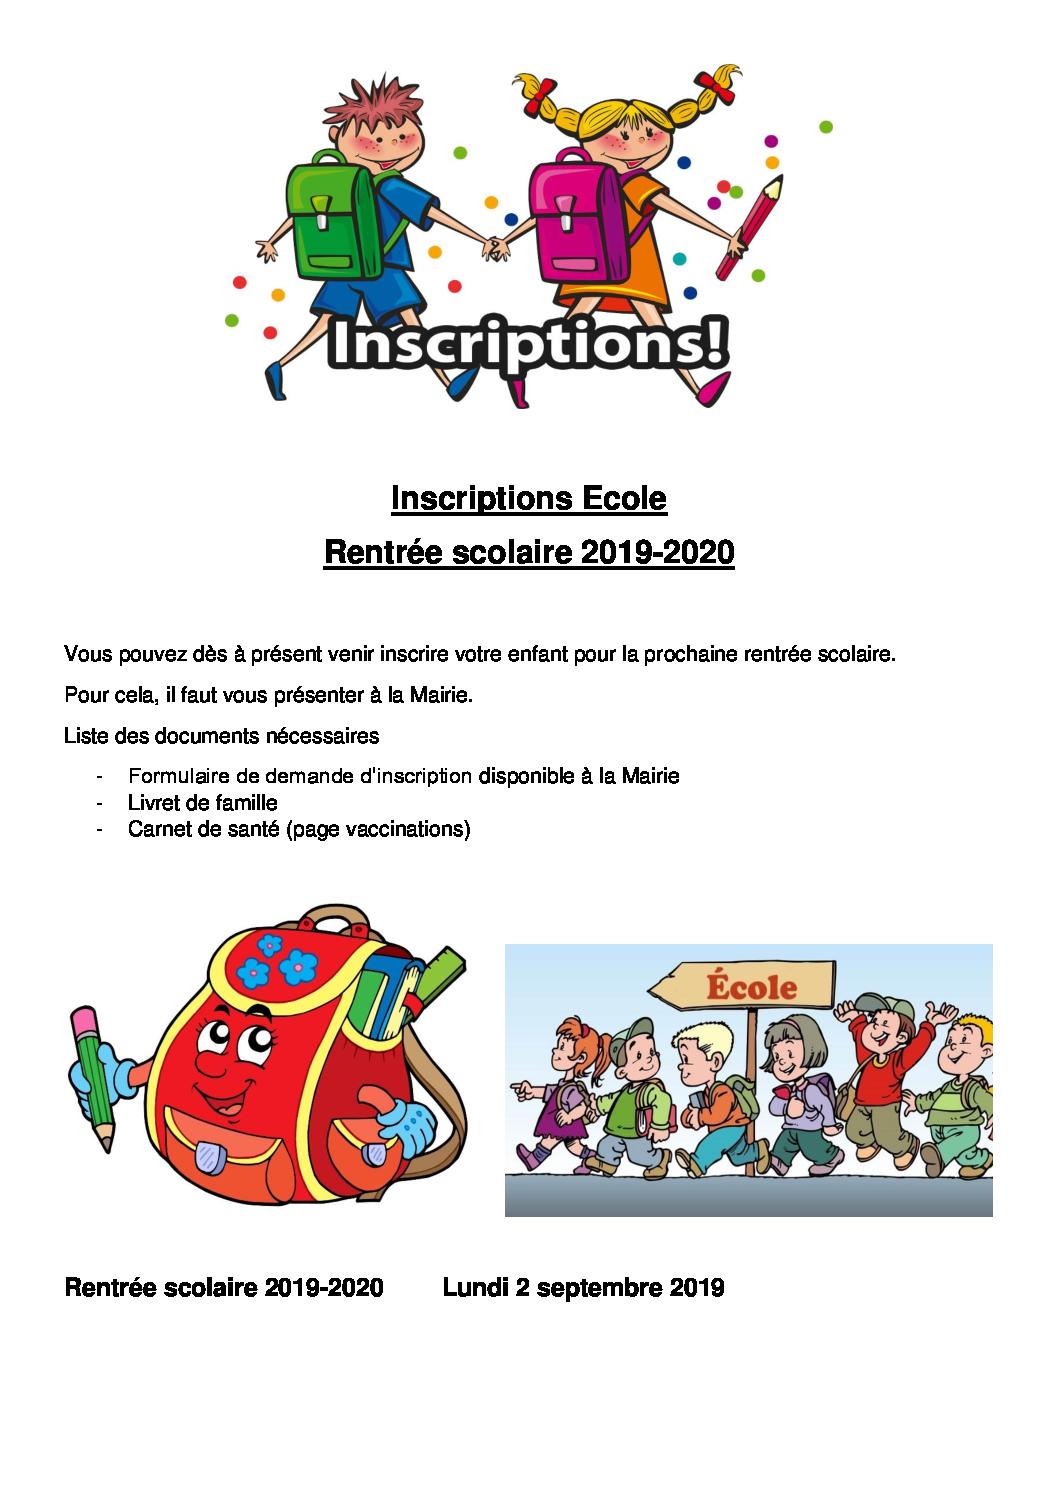 Inscriptions Ecole 2019 - 2020